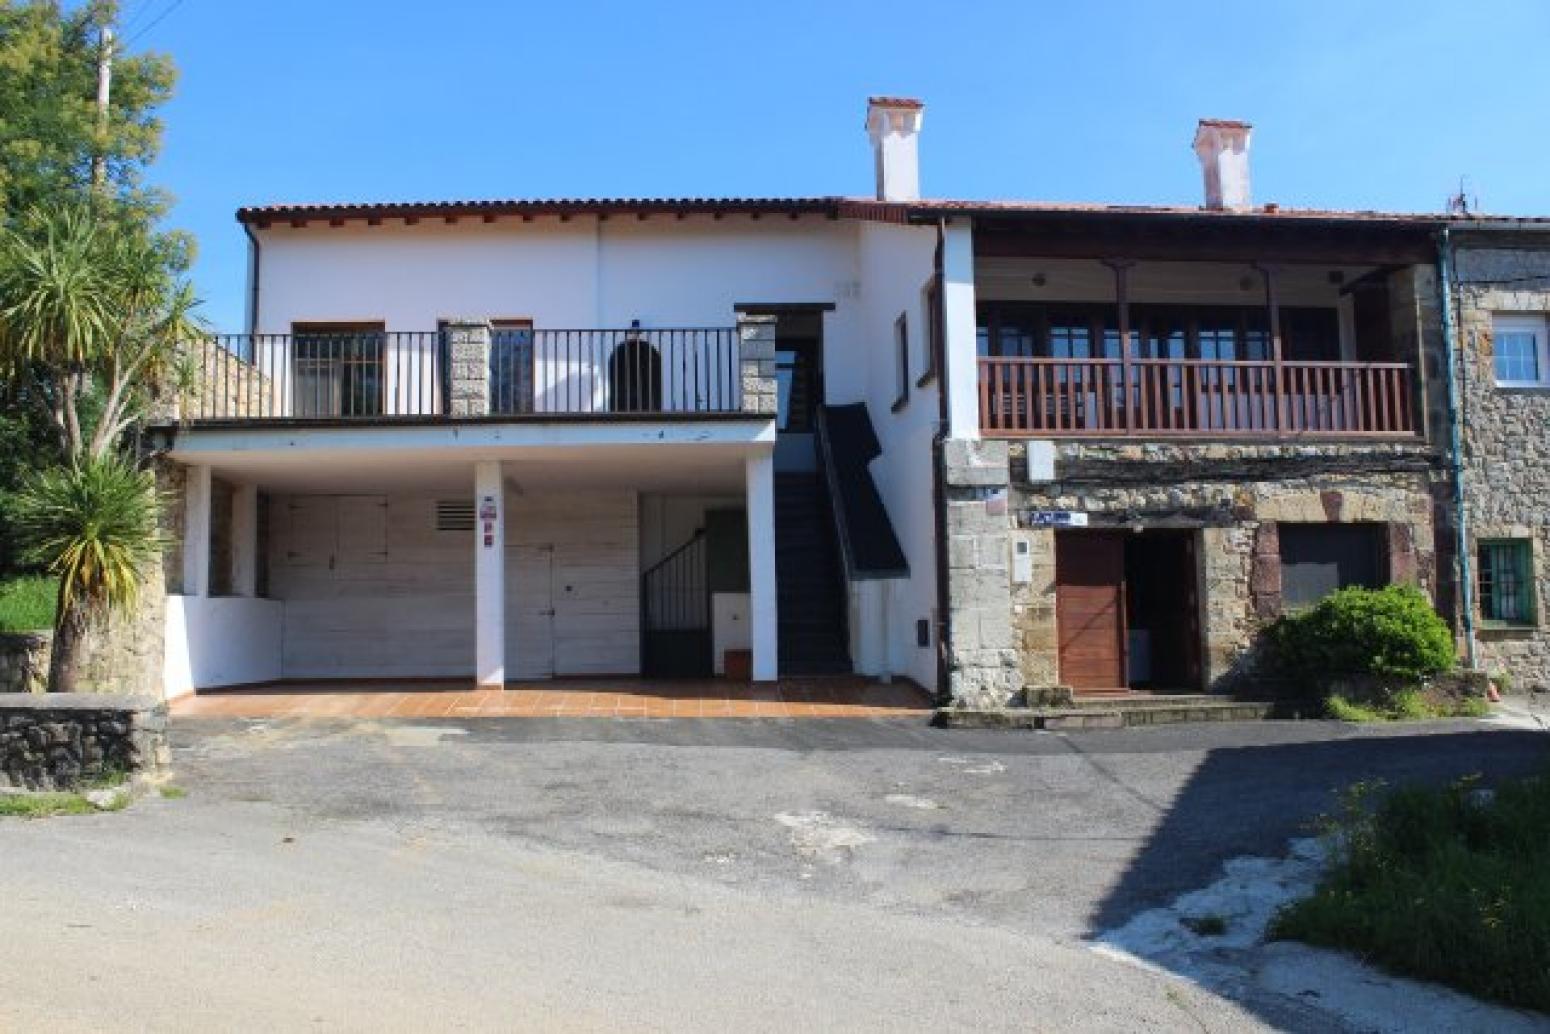 Casas o chalets en Navajeda